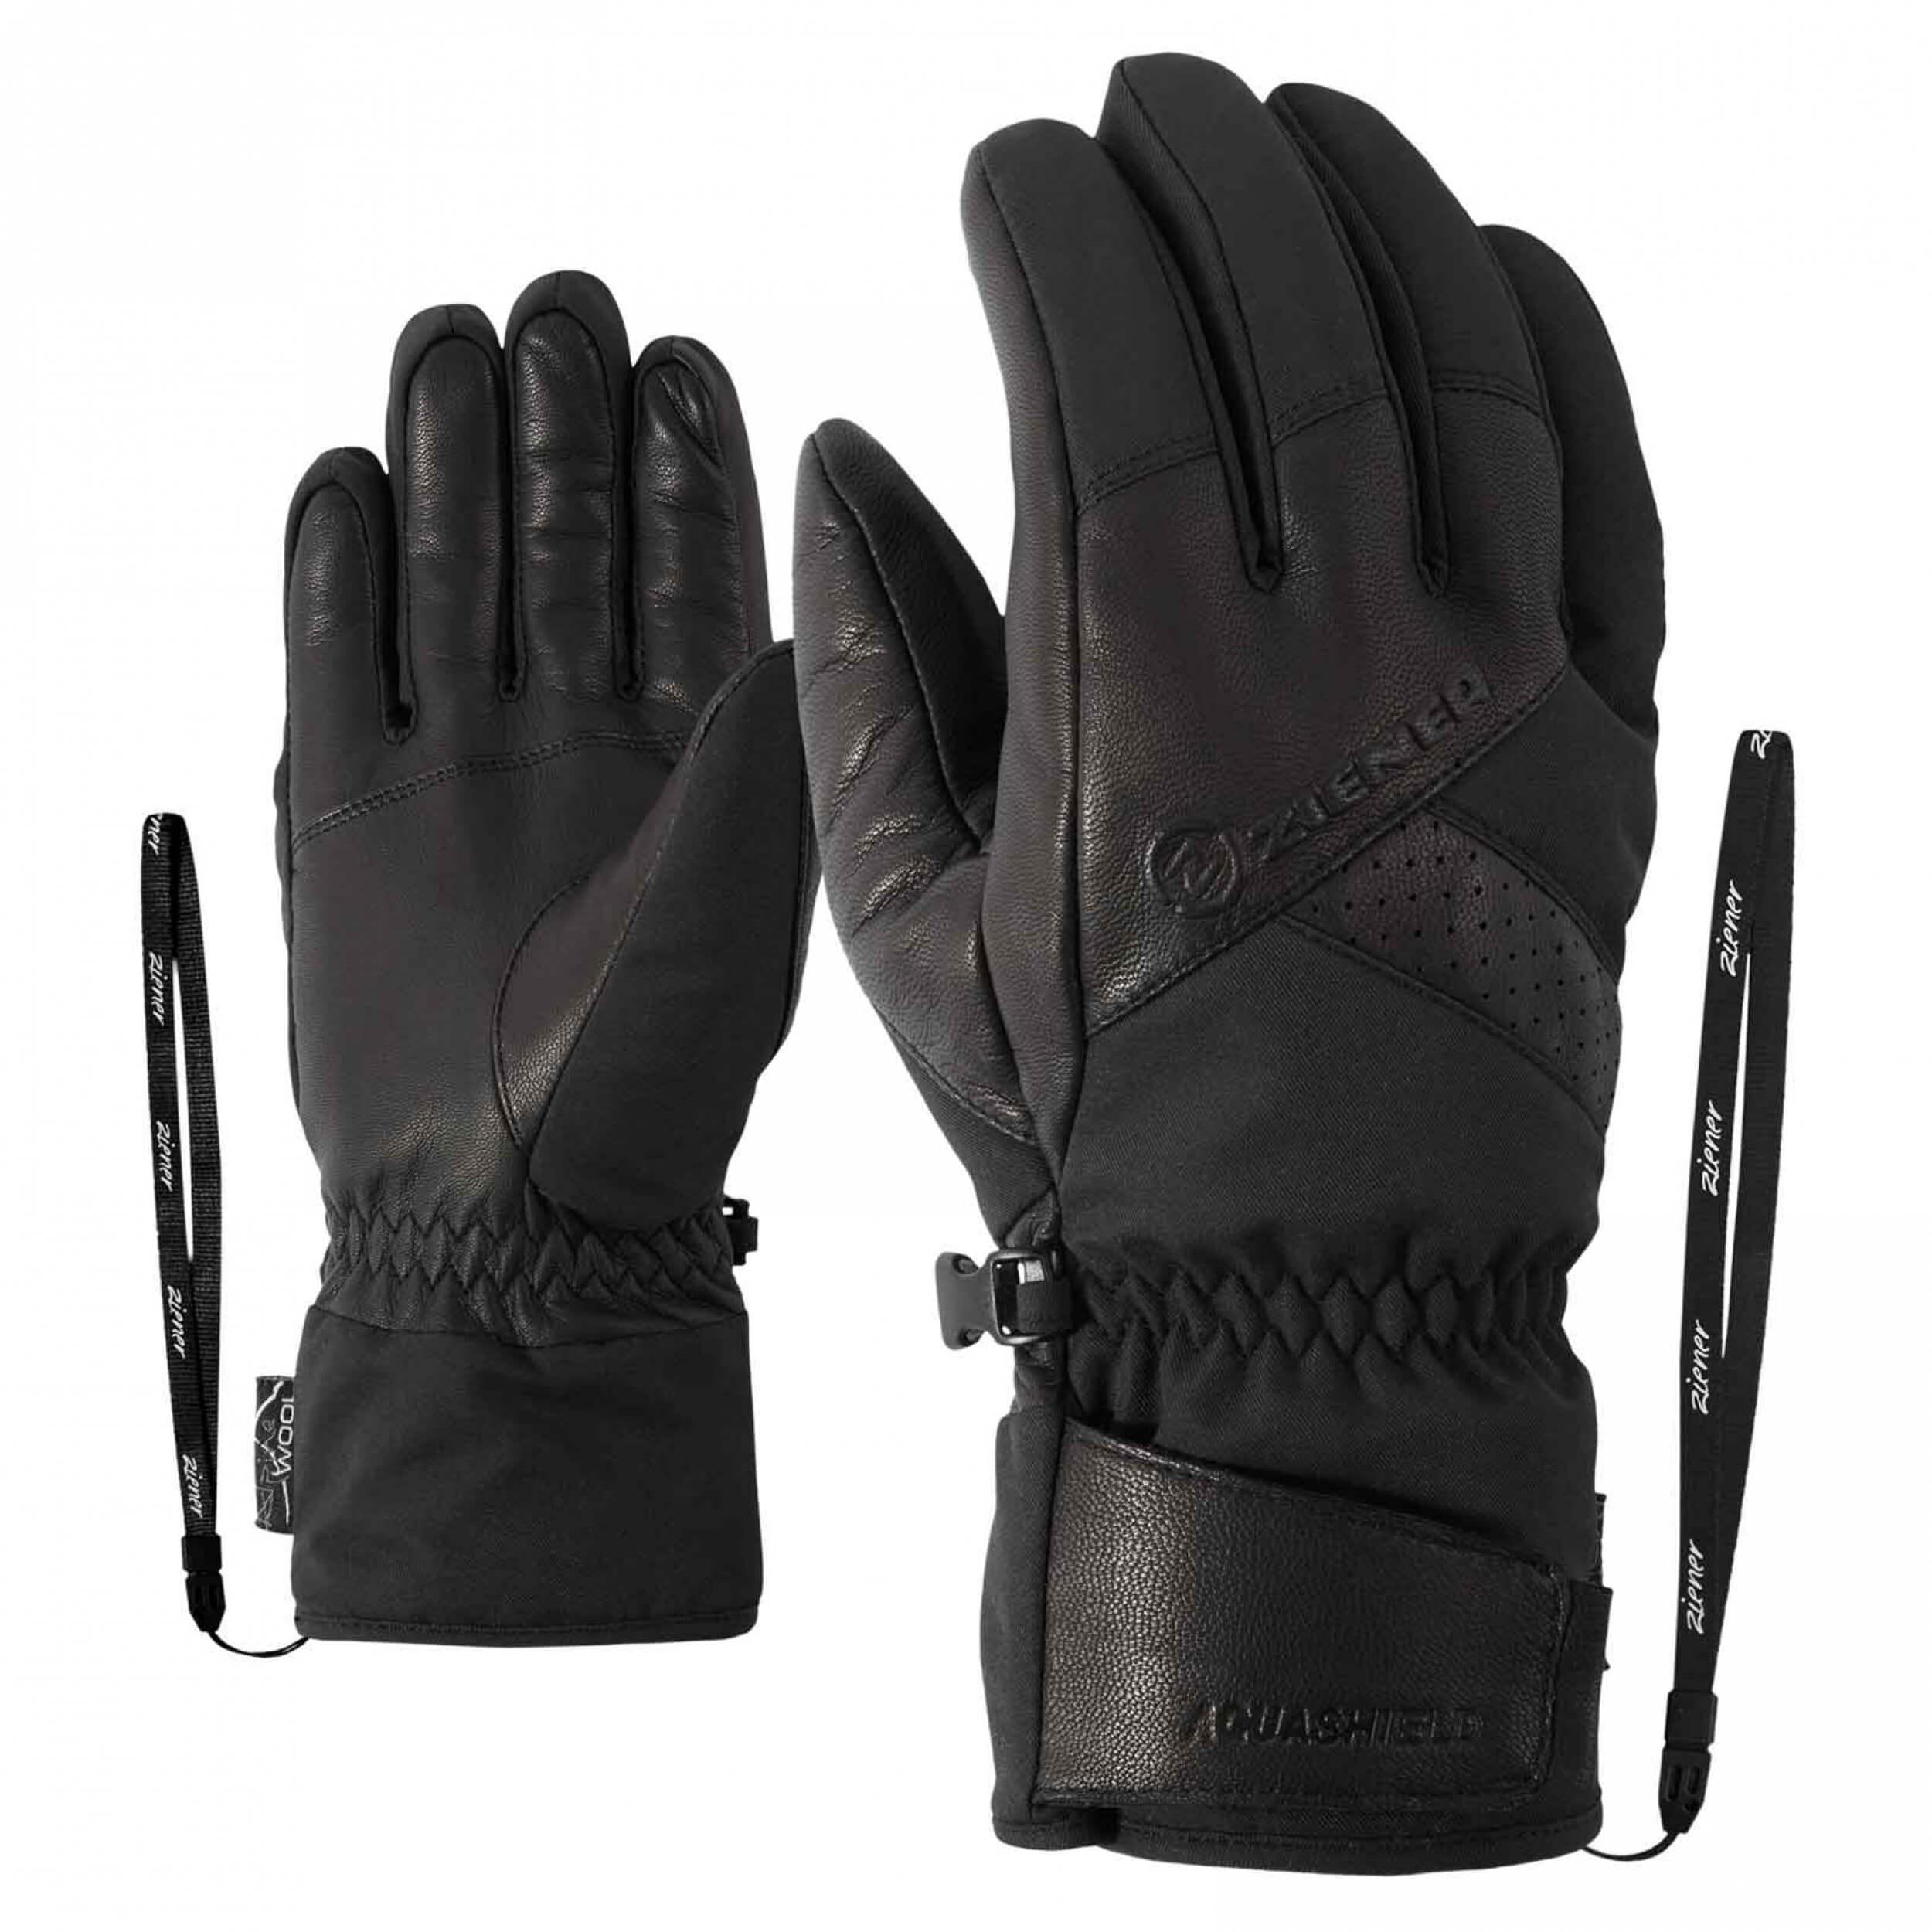 ZIENER Ski Handschuhe Getter Thermo Shield schwarz 12